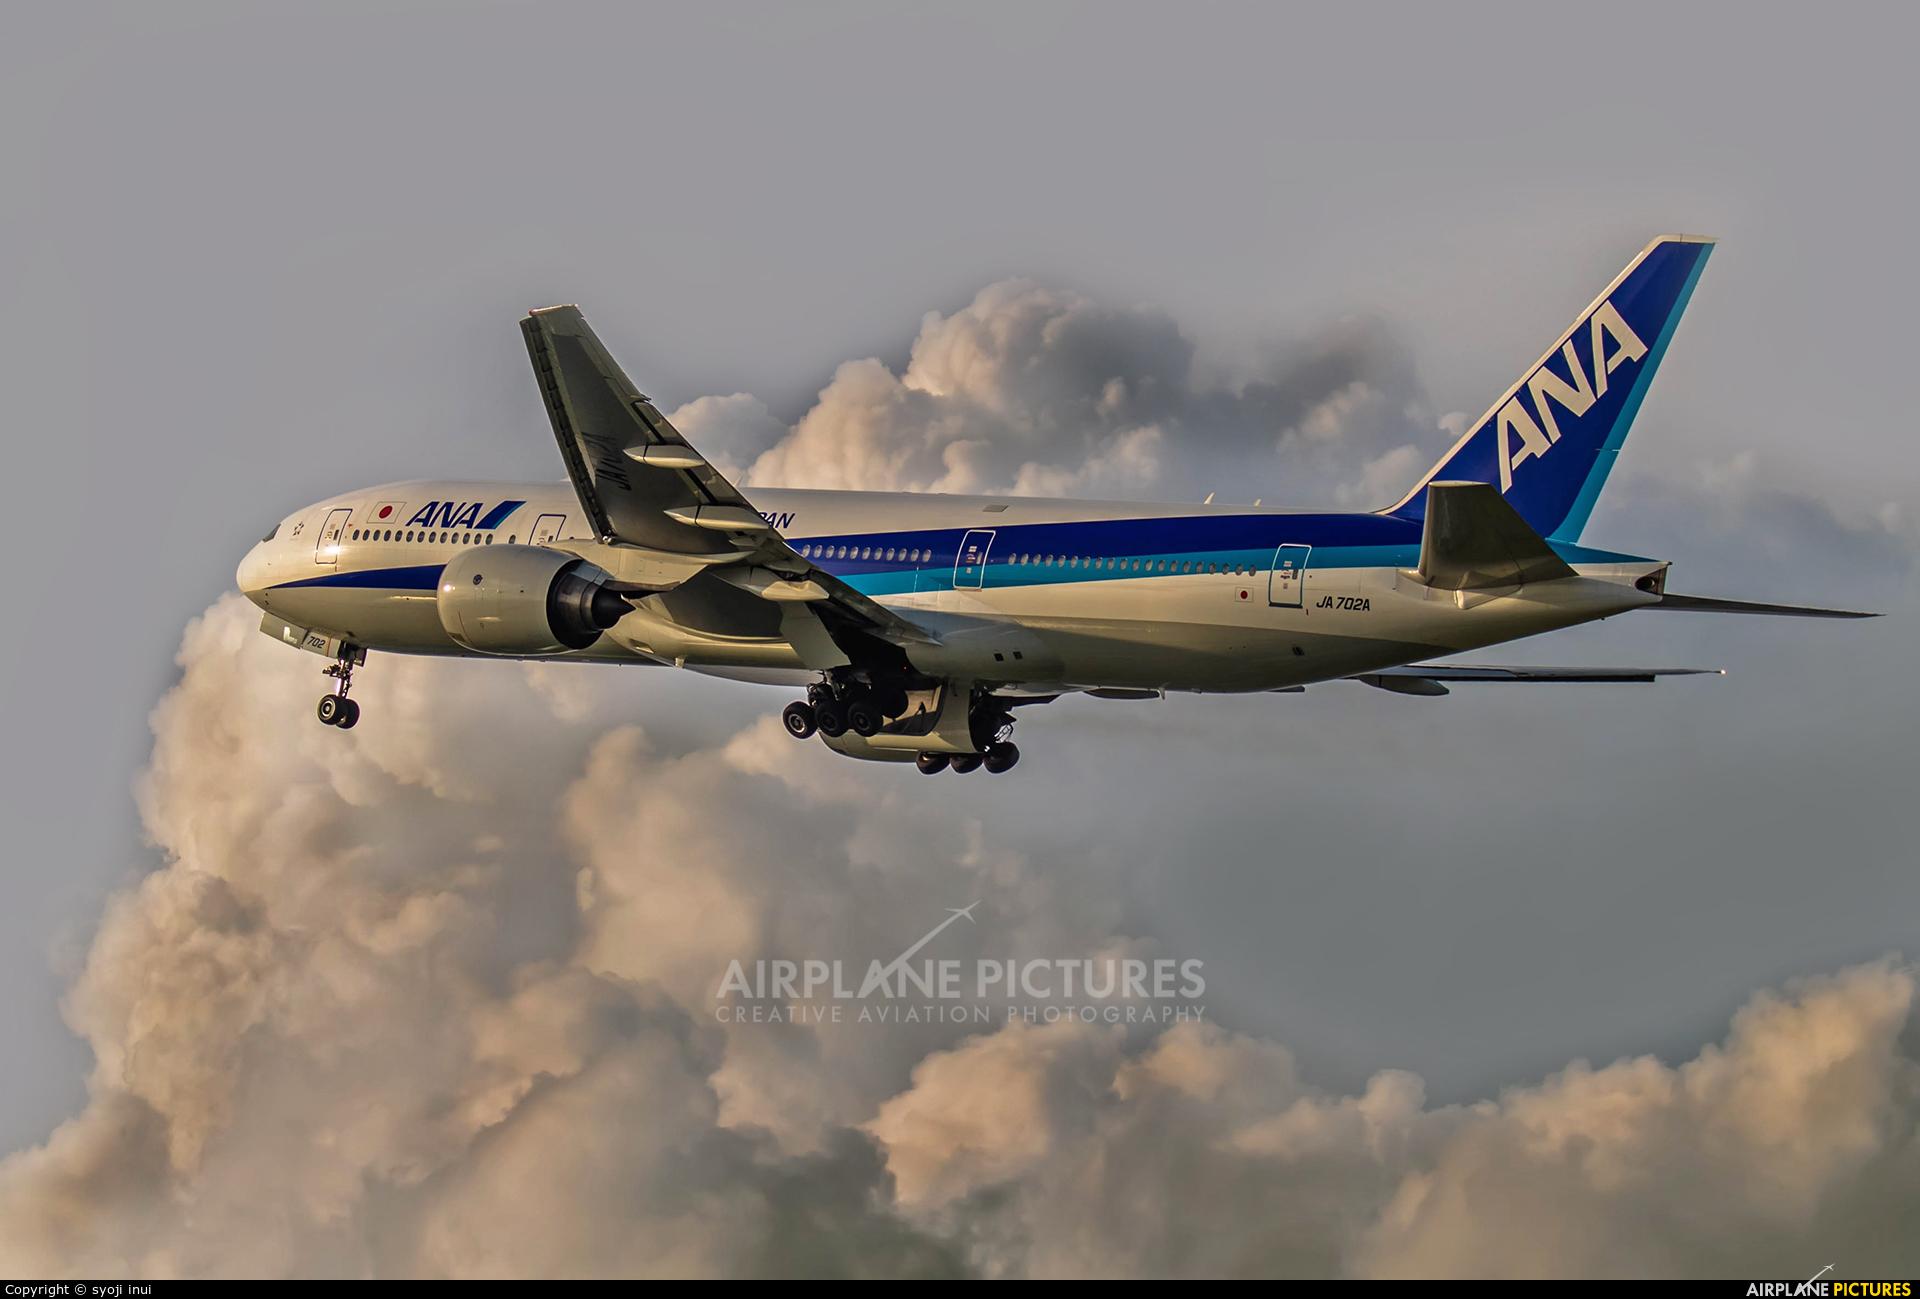 ANA - All Nippon Airways JA702A aircraft at Osaka - Itami Intl